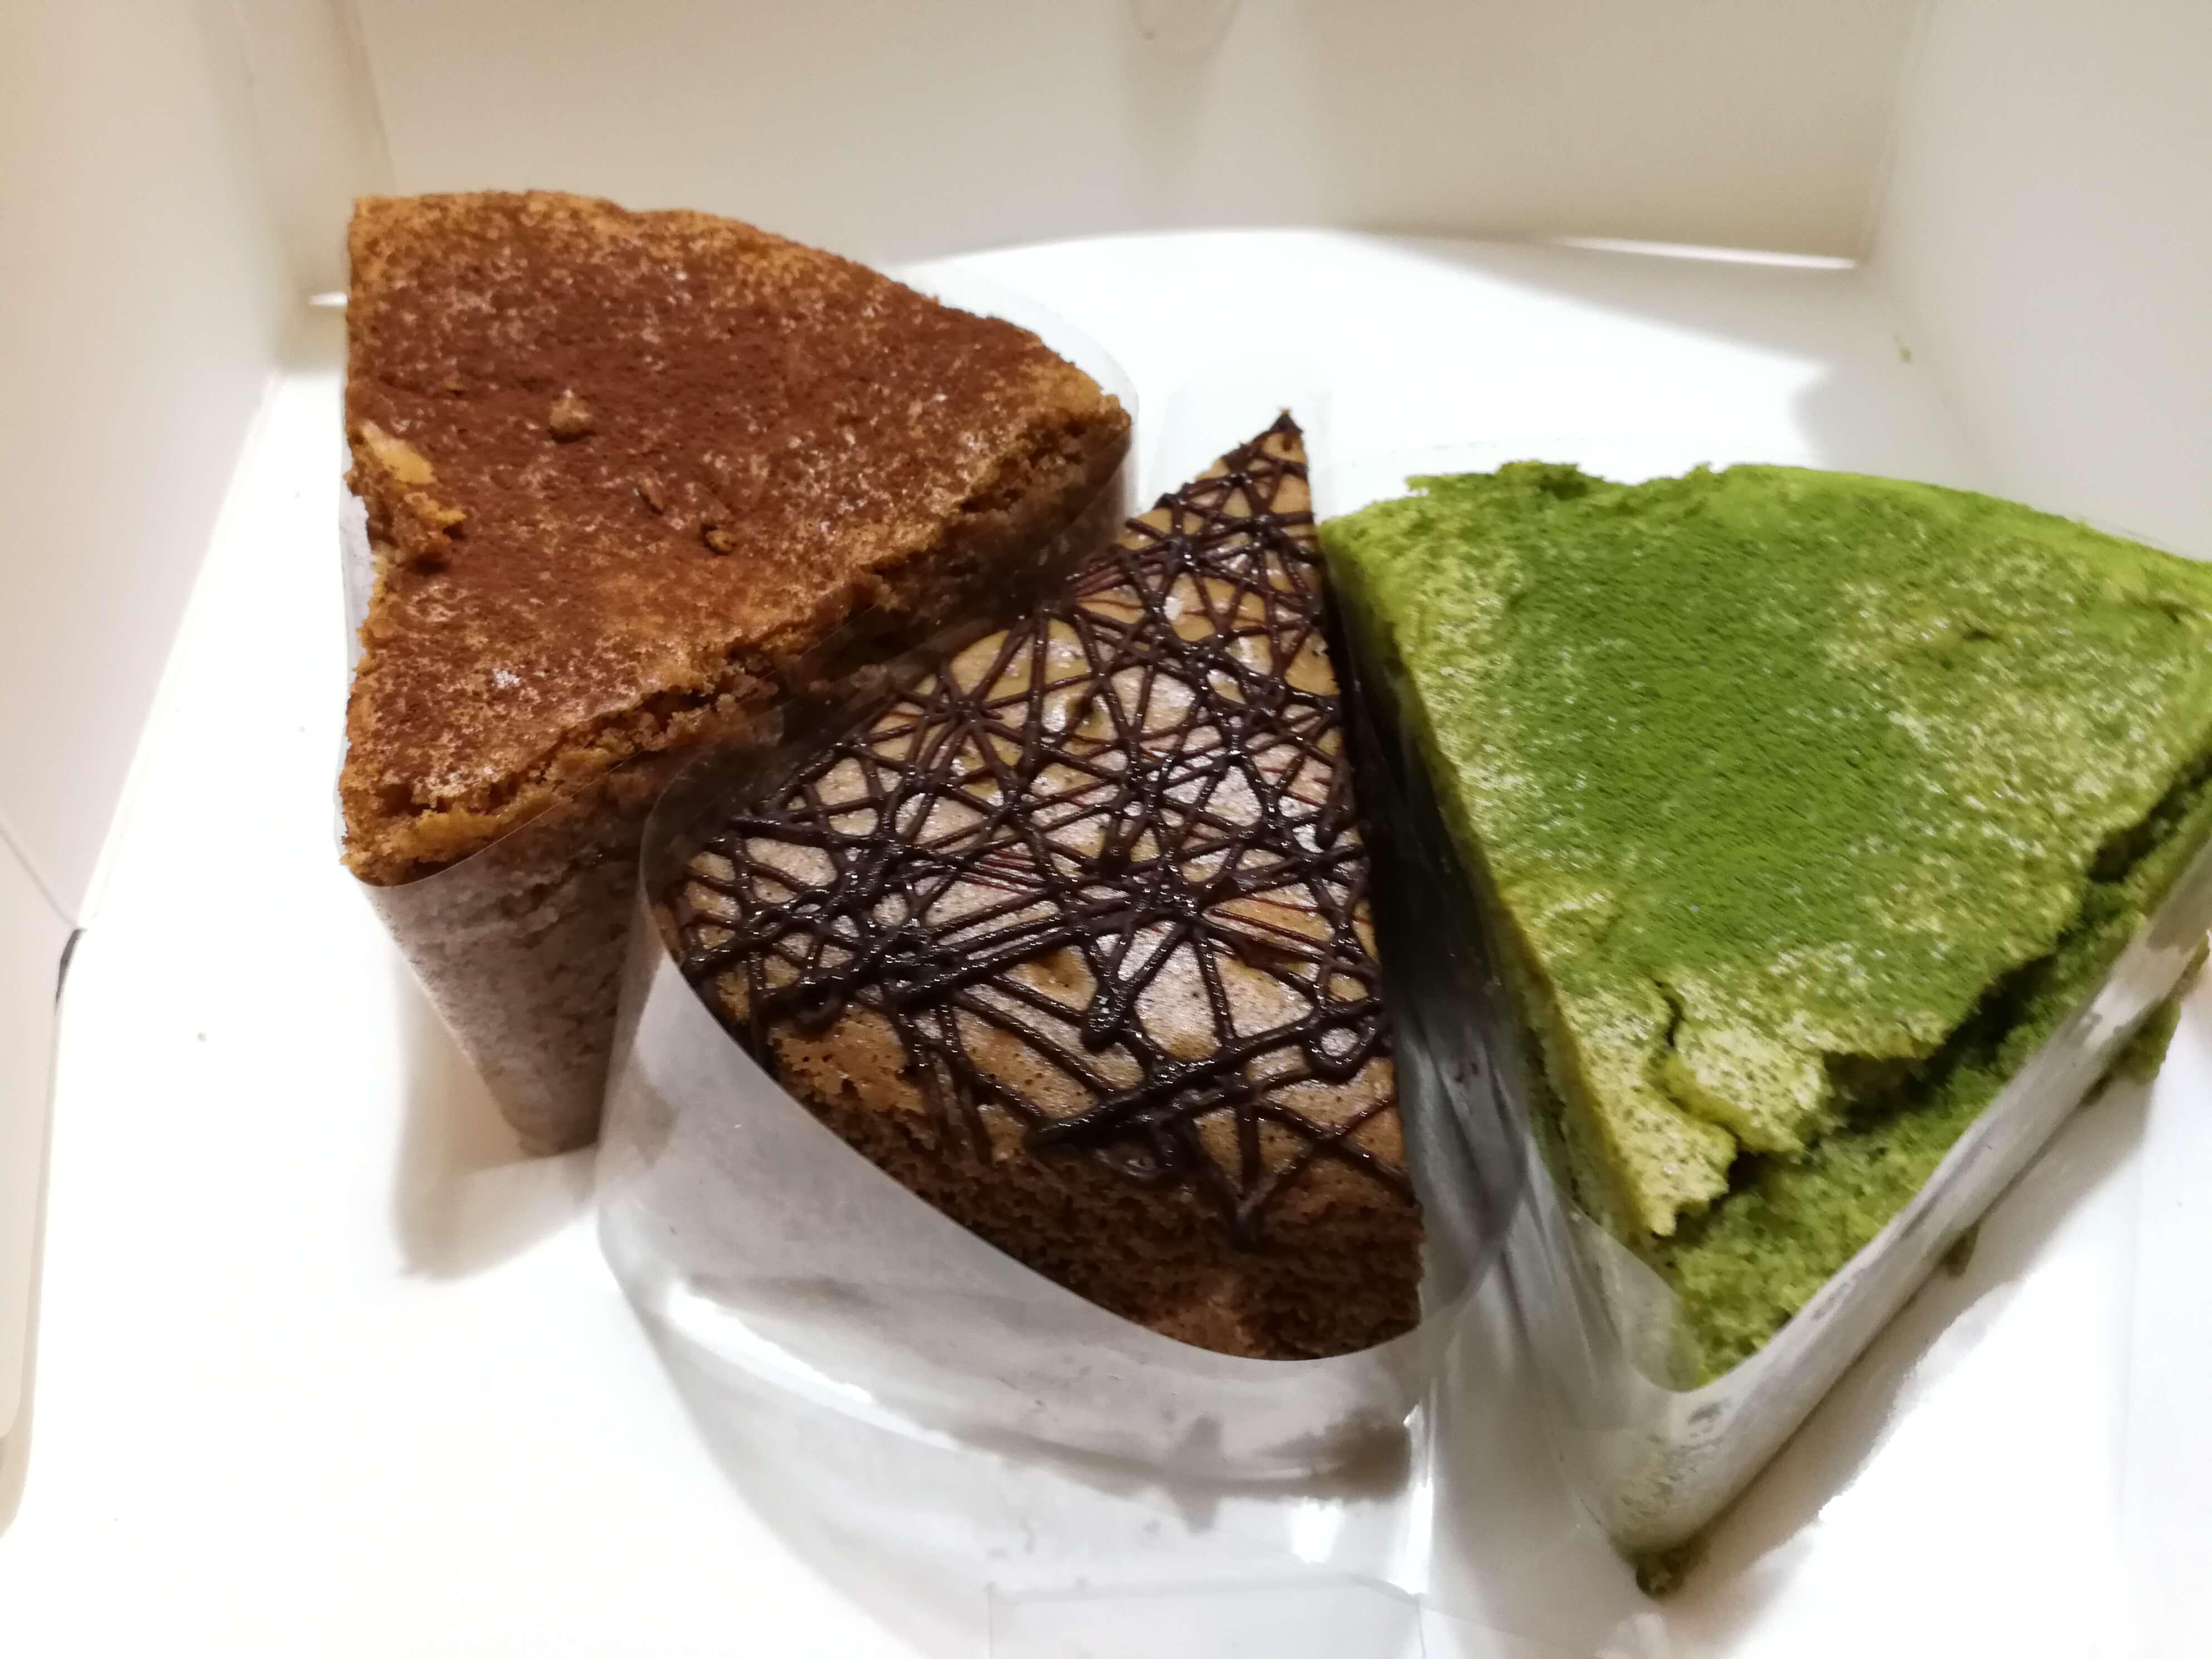 ガリバーくんの焼きたてチーズケーキ|野々市市のあのスフレが進化してる!?ほろほろふんわりで美味しい